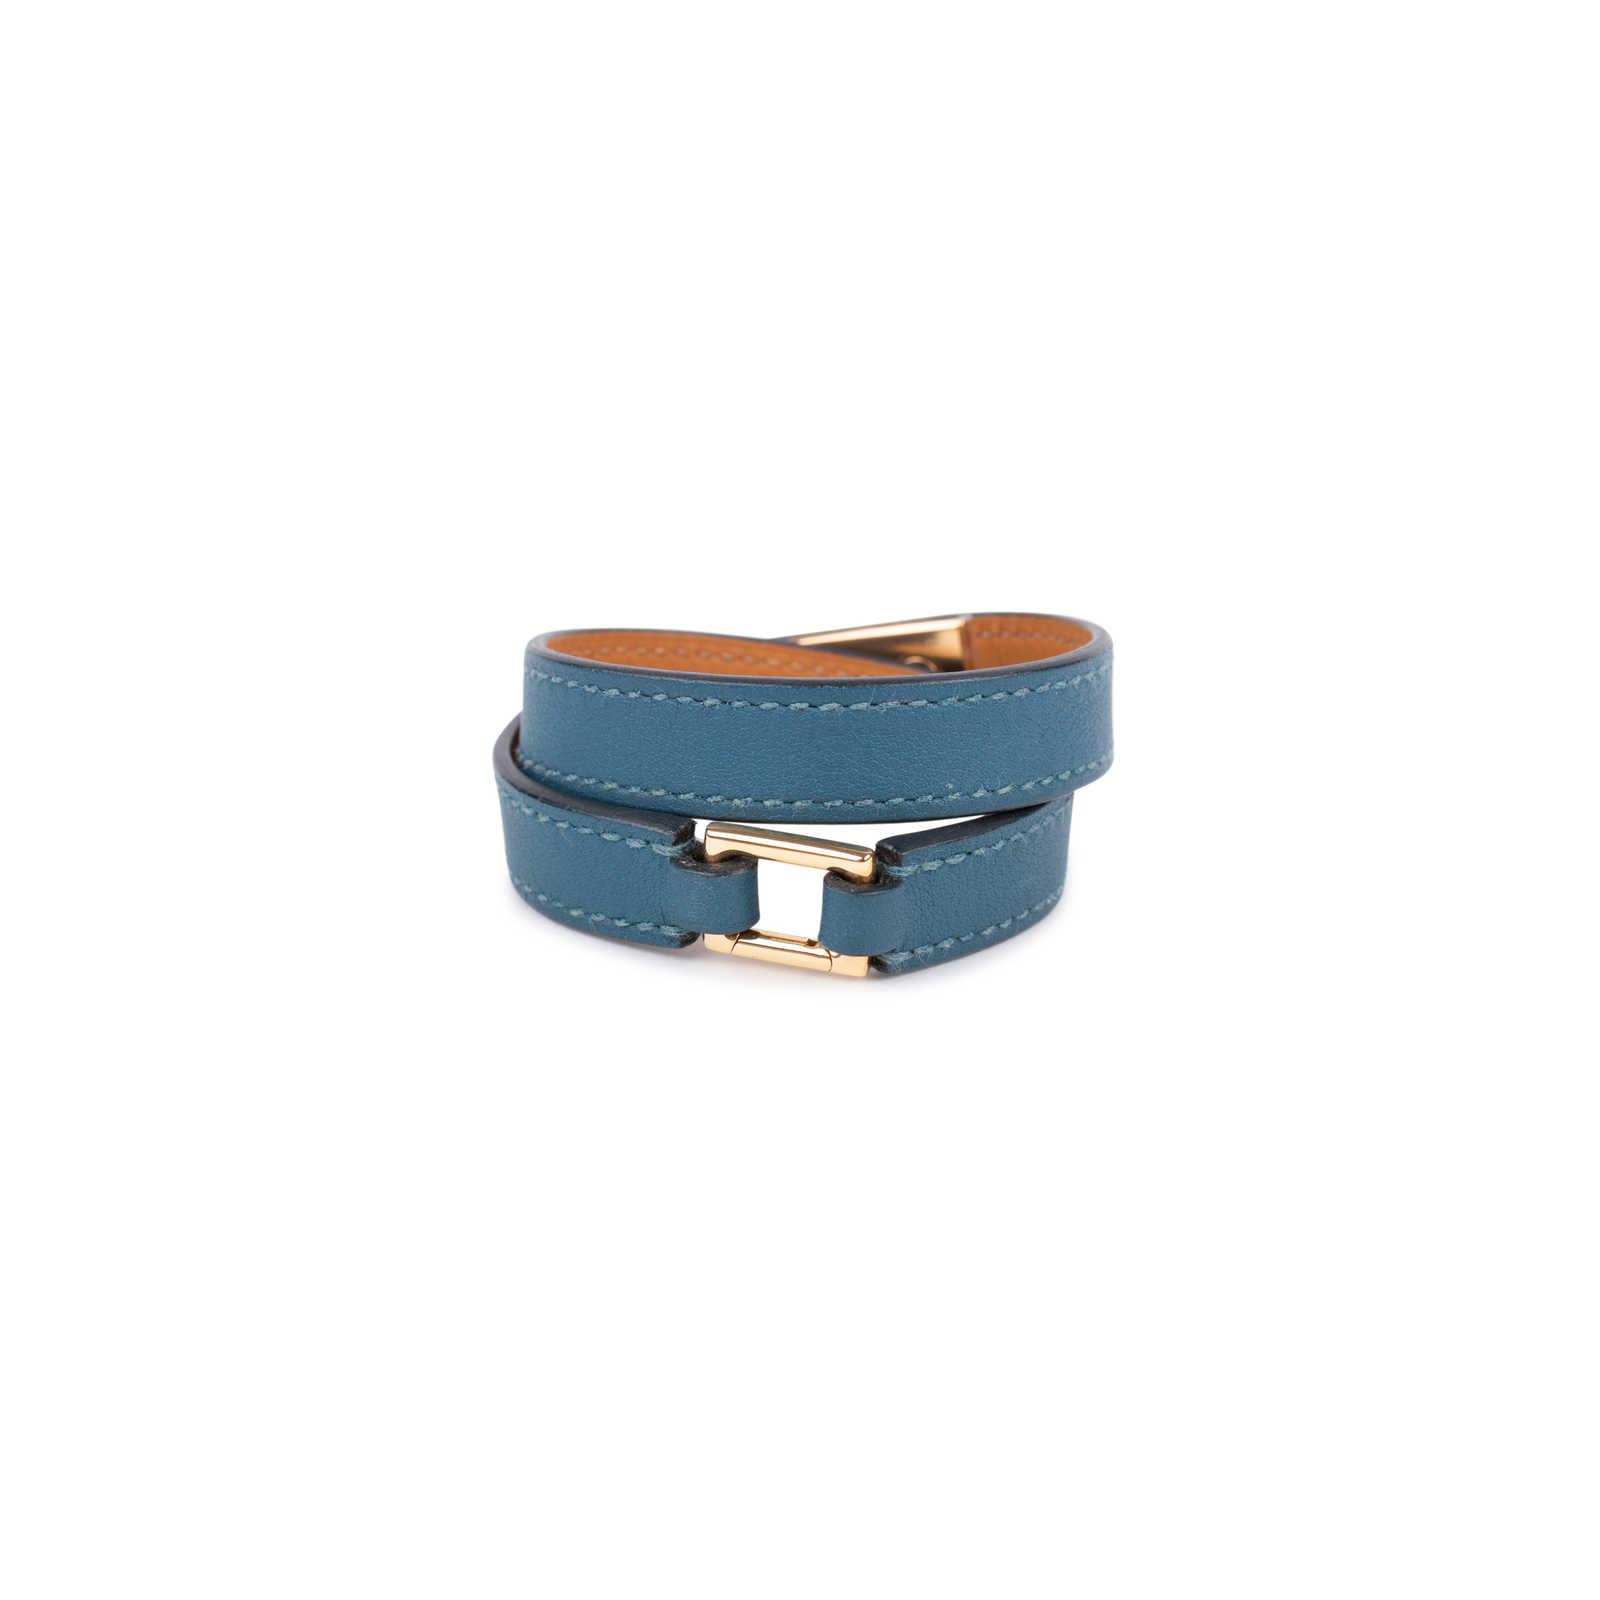 a46c92998a ... Authentic Second Hand Hermès Rivale Double Tour Bracelet  (PSS-588-00003) ...